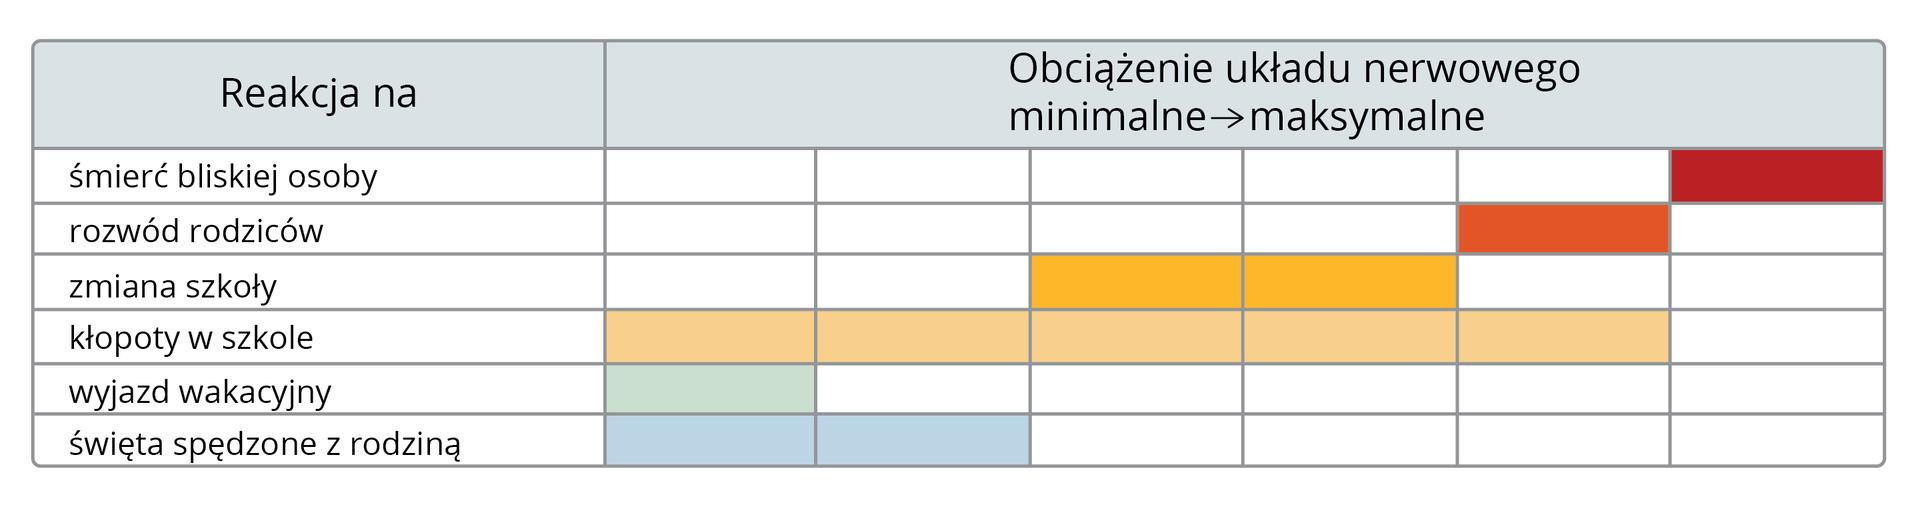 Tabela przedstawia stresory iich wpływ na samopoczucie. Pierwsza kolumna na tytuł: reakcja na (sytuację stresową). Wwierszach wypisano stresujące sytuacje: śmierć bliskiej osoby, rozwód rodziców, zmiana szkoły, kłopoty wszkole, wyjazd wakacyjny, święta zrodziną. Druga kolumna zatytułowana: obciążenie układu nerwowego (od minimalnego do maksymalnego). Jest podzielona na sześć mniejszych kolumn, symbolizujących wielkość obciążenia stresem. Kolor na przecięciu wierszy ikolumn oznacza stopień obciążenia układu nerwowego.